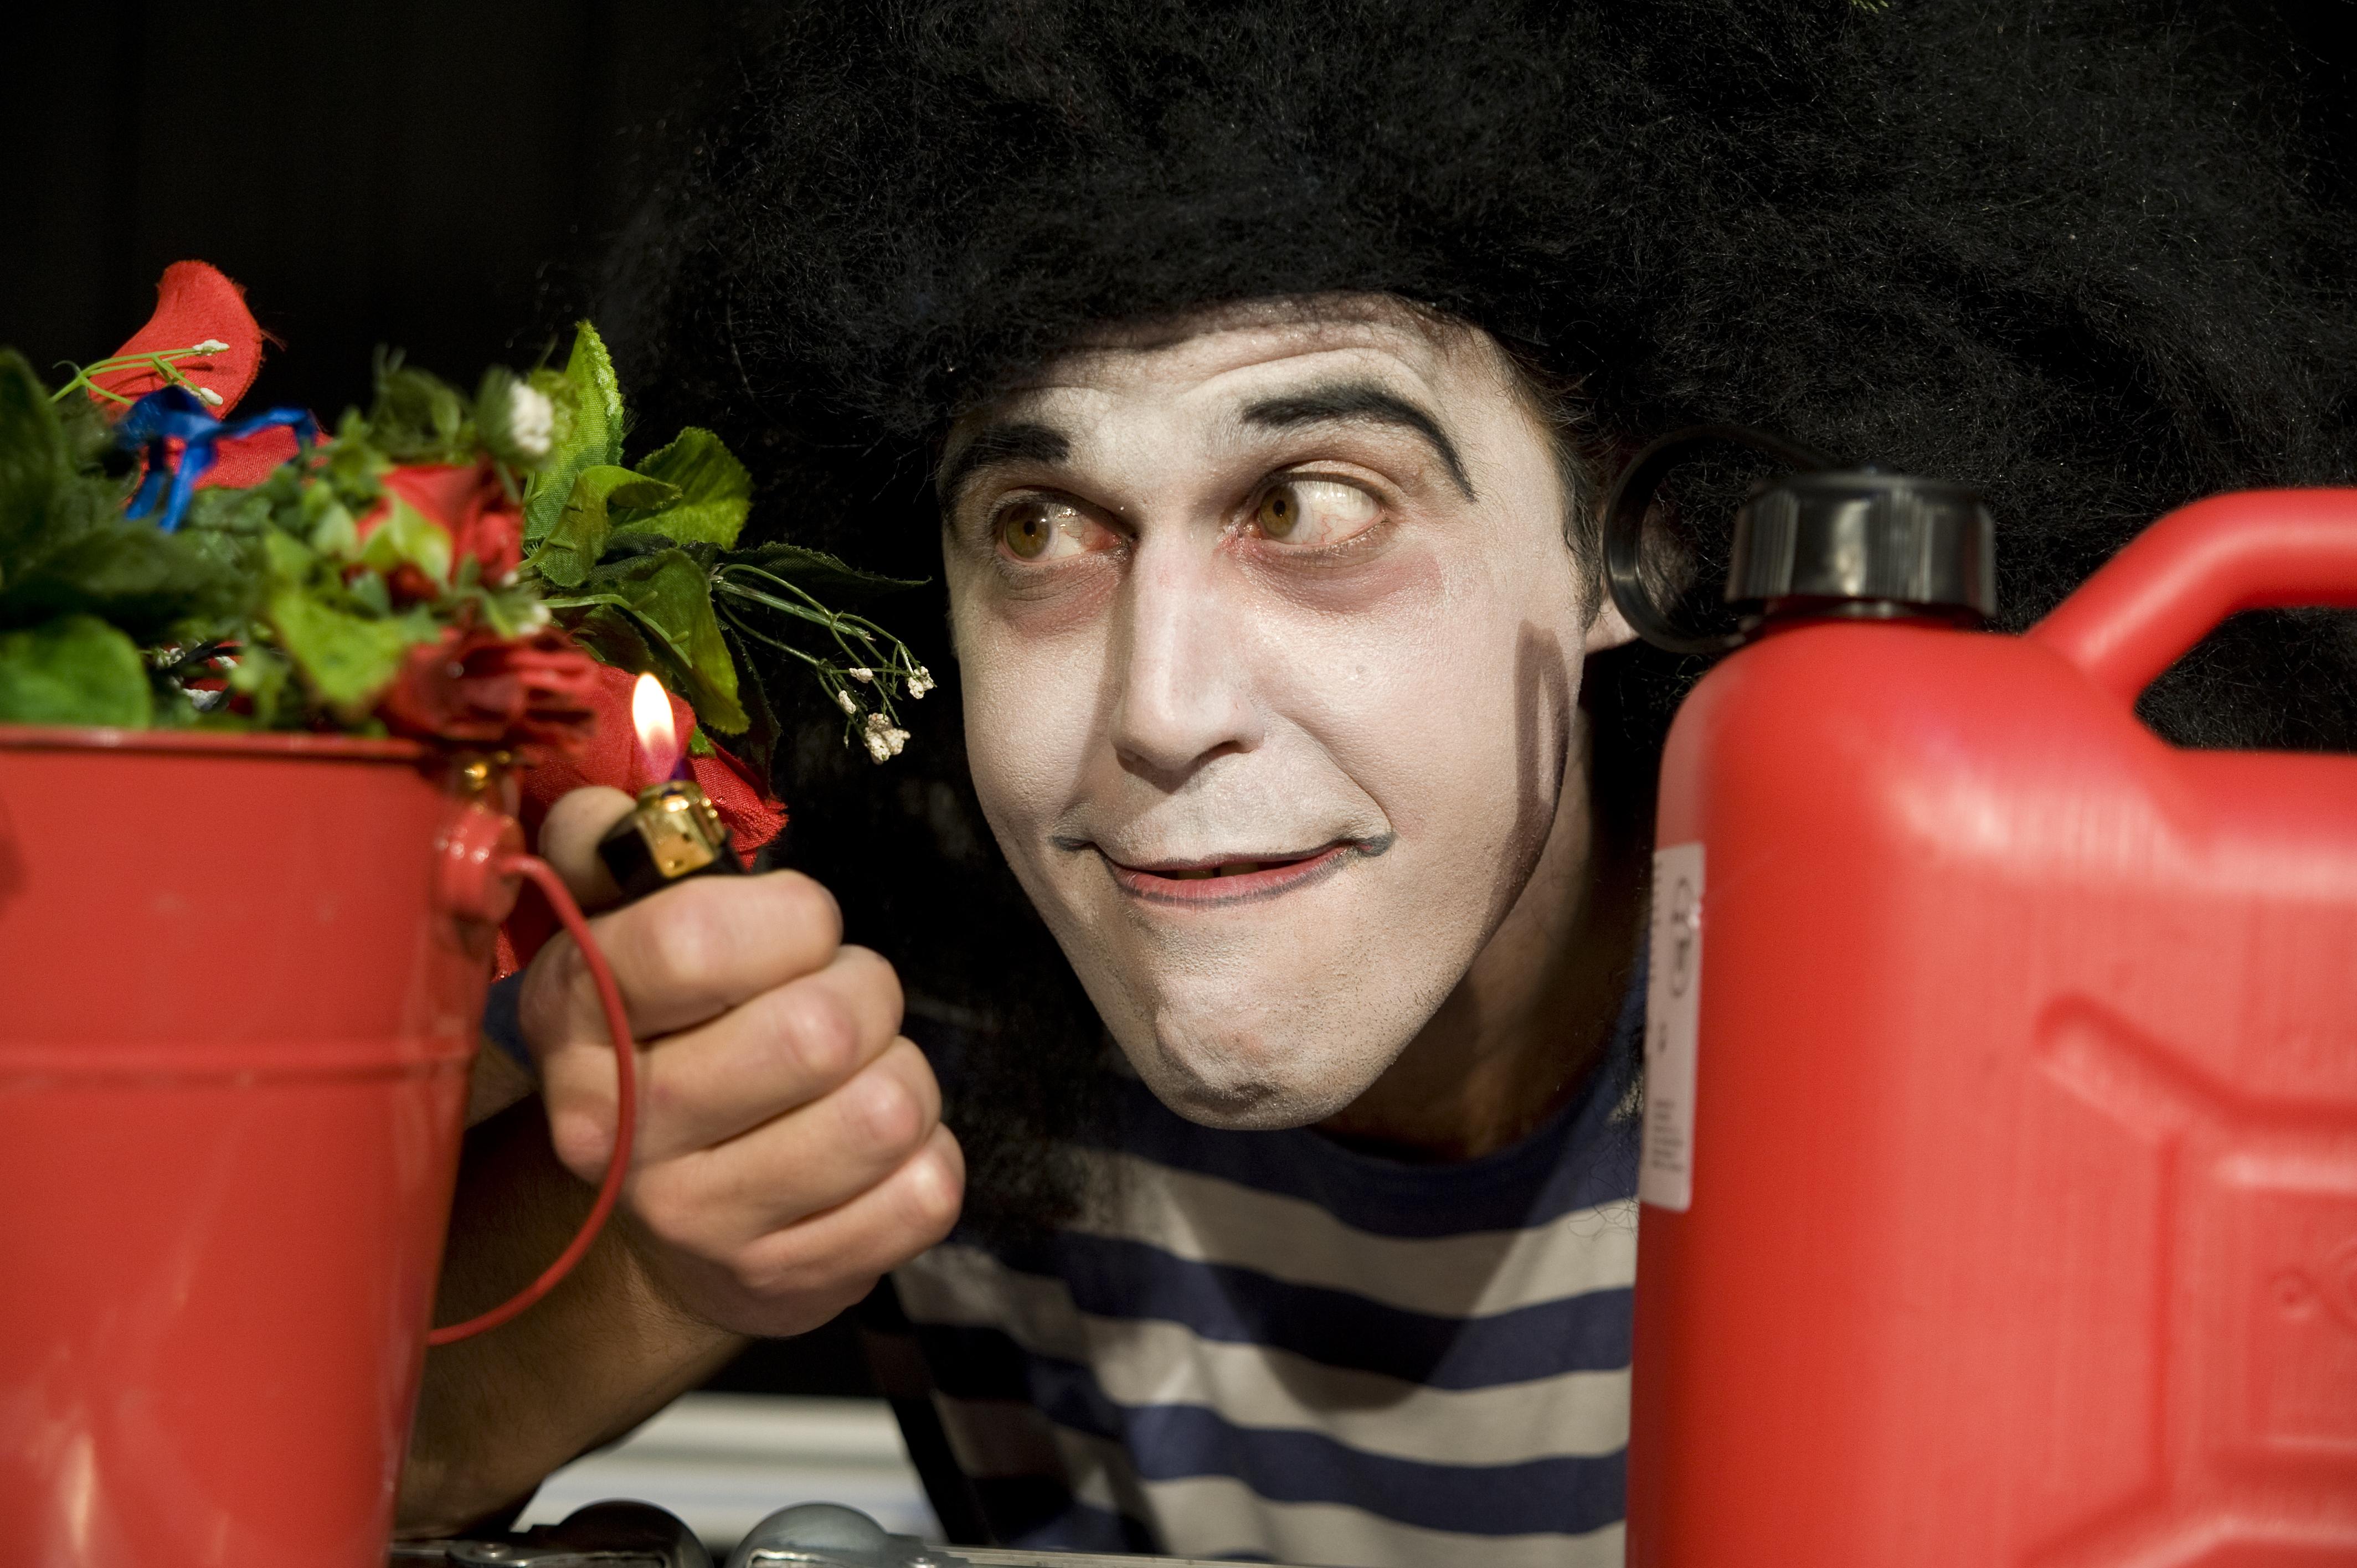 Producciones P&G Circus achégase á violencia desde o humor en <i>Roces&Goces</i>